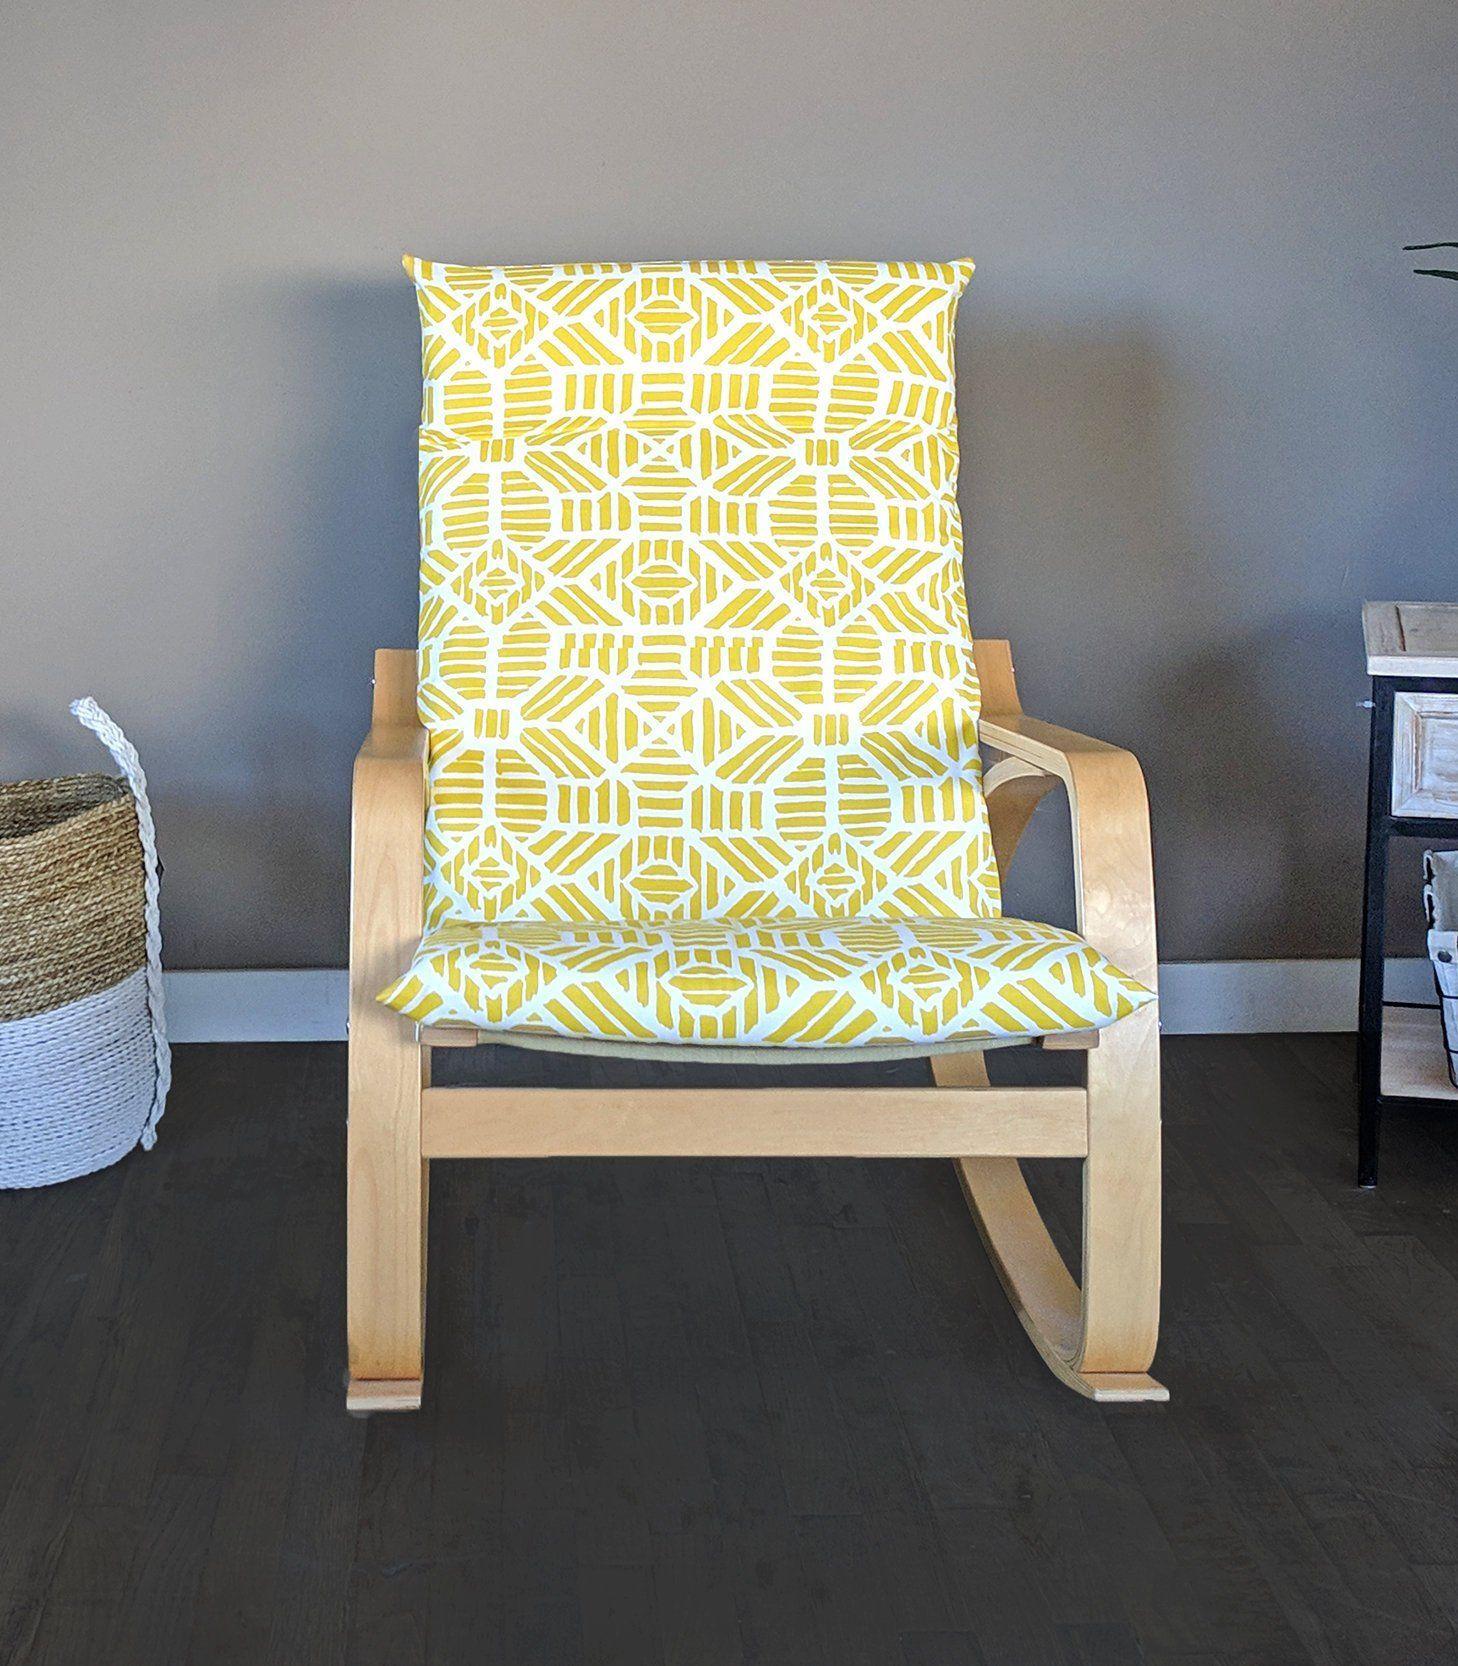 ikea wingback chair yellow